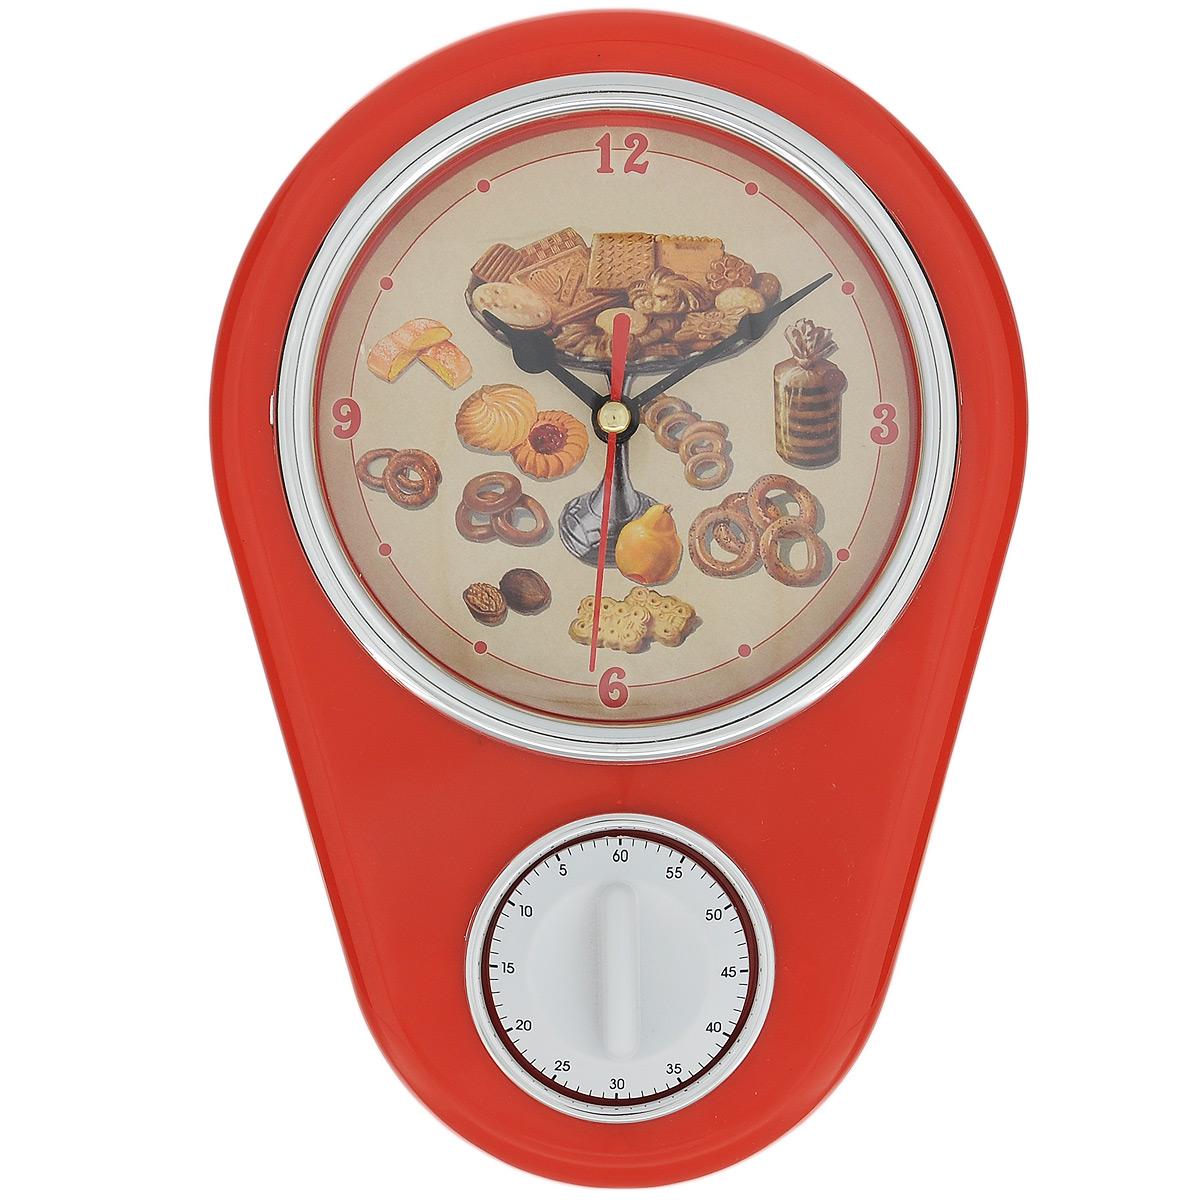 Часы кухонные Печенье с таймером, настенные, цвет: красный37385Кухонные настенные часы Печенье в ретро стиле прекрасно дополнят интерьер кухни. Корпус выполнен из высококачественного пластика. Все механизмы скрыты в корпусе. Циферблат круглой формы, оформленный крупными арабскими цифрами и изображением печенья, защищен стеклом. Имеется встроенный таймер на 60 минут, его удобно использовать во время приготовления блюд. Часы подвешиваются на стену. Часы работают от одной пальчиковой батарейки тип АА (не входит в комплект). Диаметр циферблата: 11,3 см. Размер часов: 16 см х 5 см х 22,5 см.